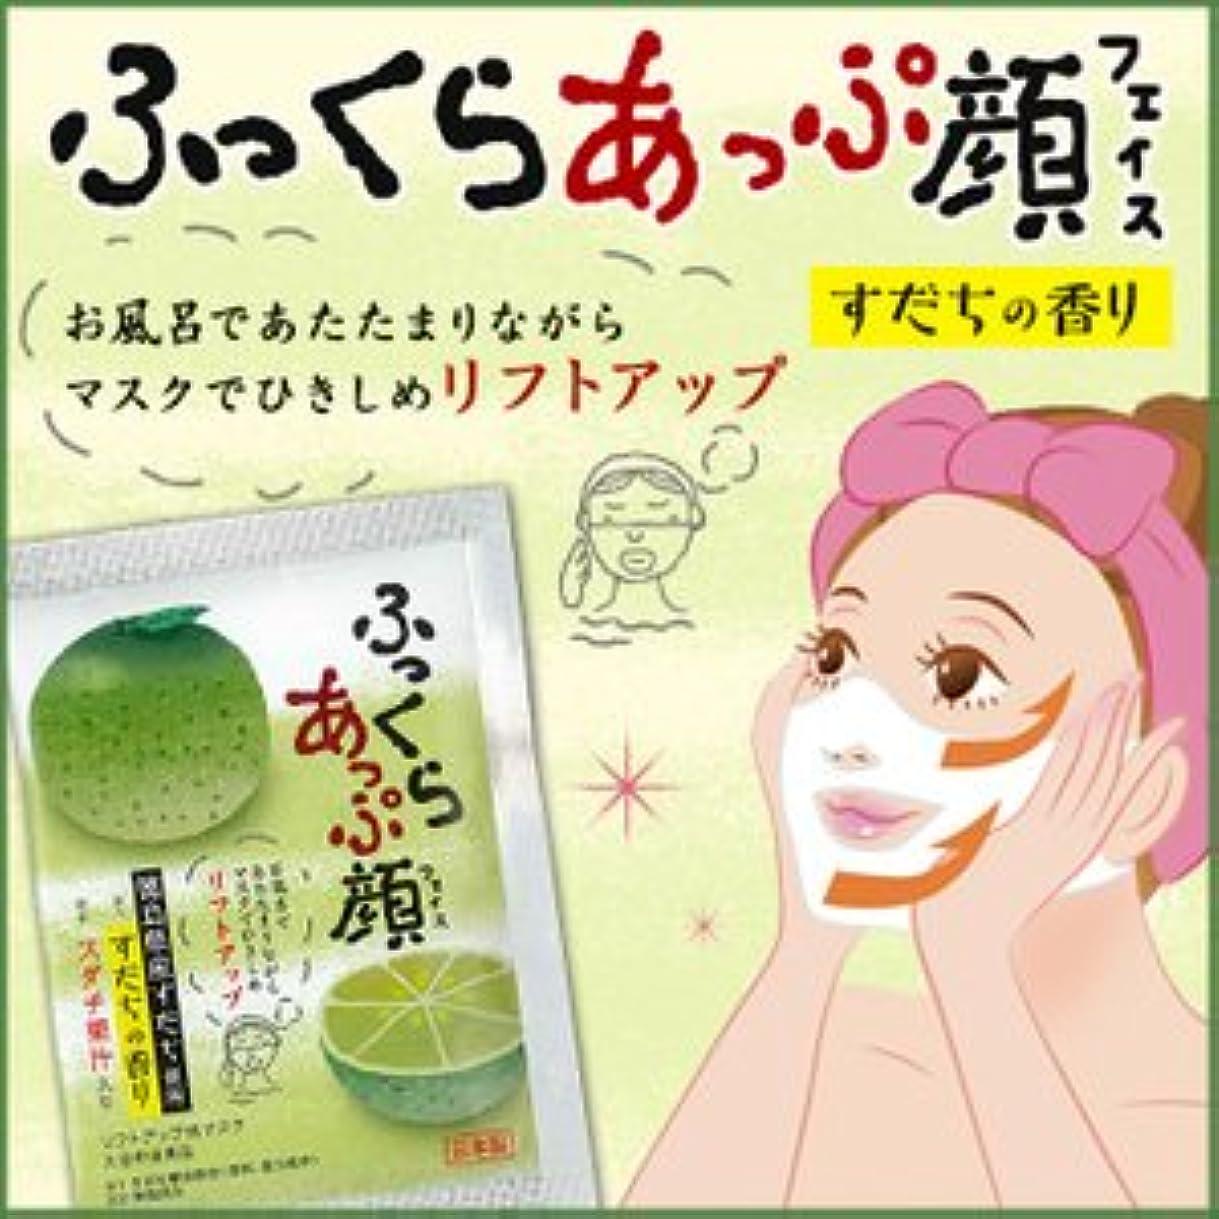 抑圧マークバインドリフトアップ フェイスマスク すだちの香り(20ml×1×7枚)